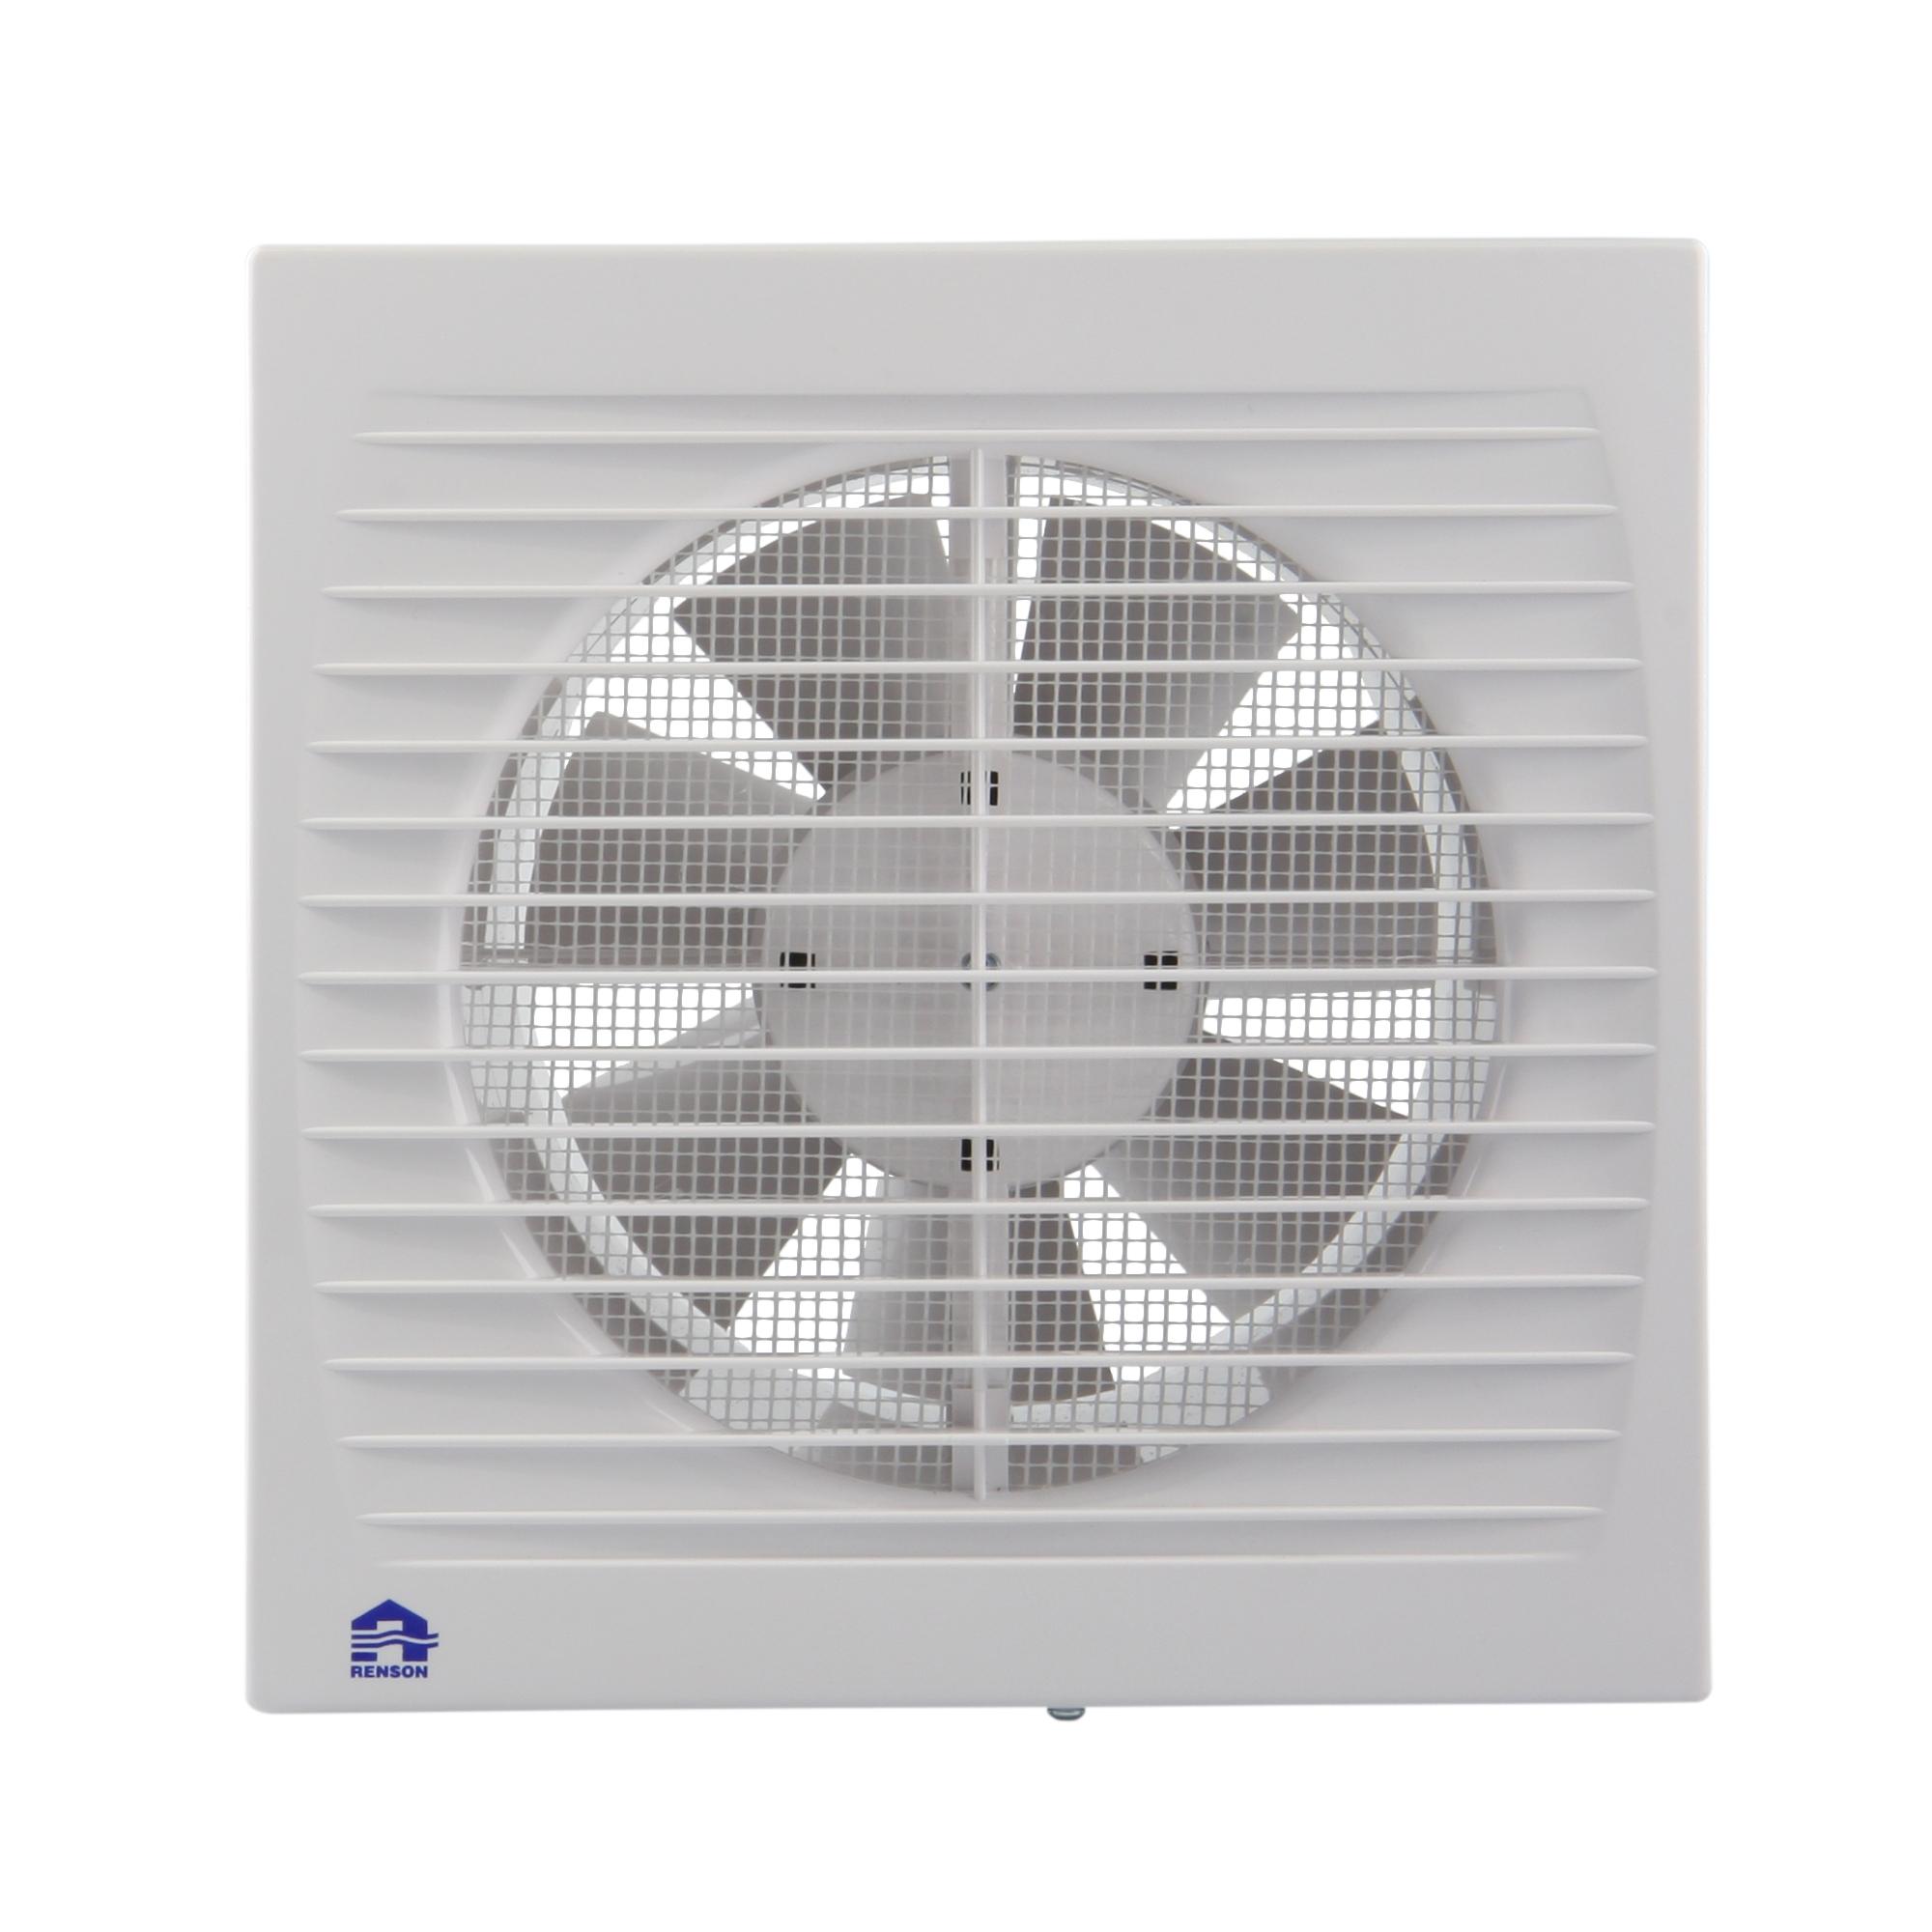 Greenwave: Mechanische  ventilator standaard